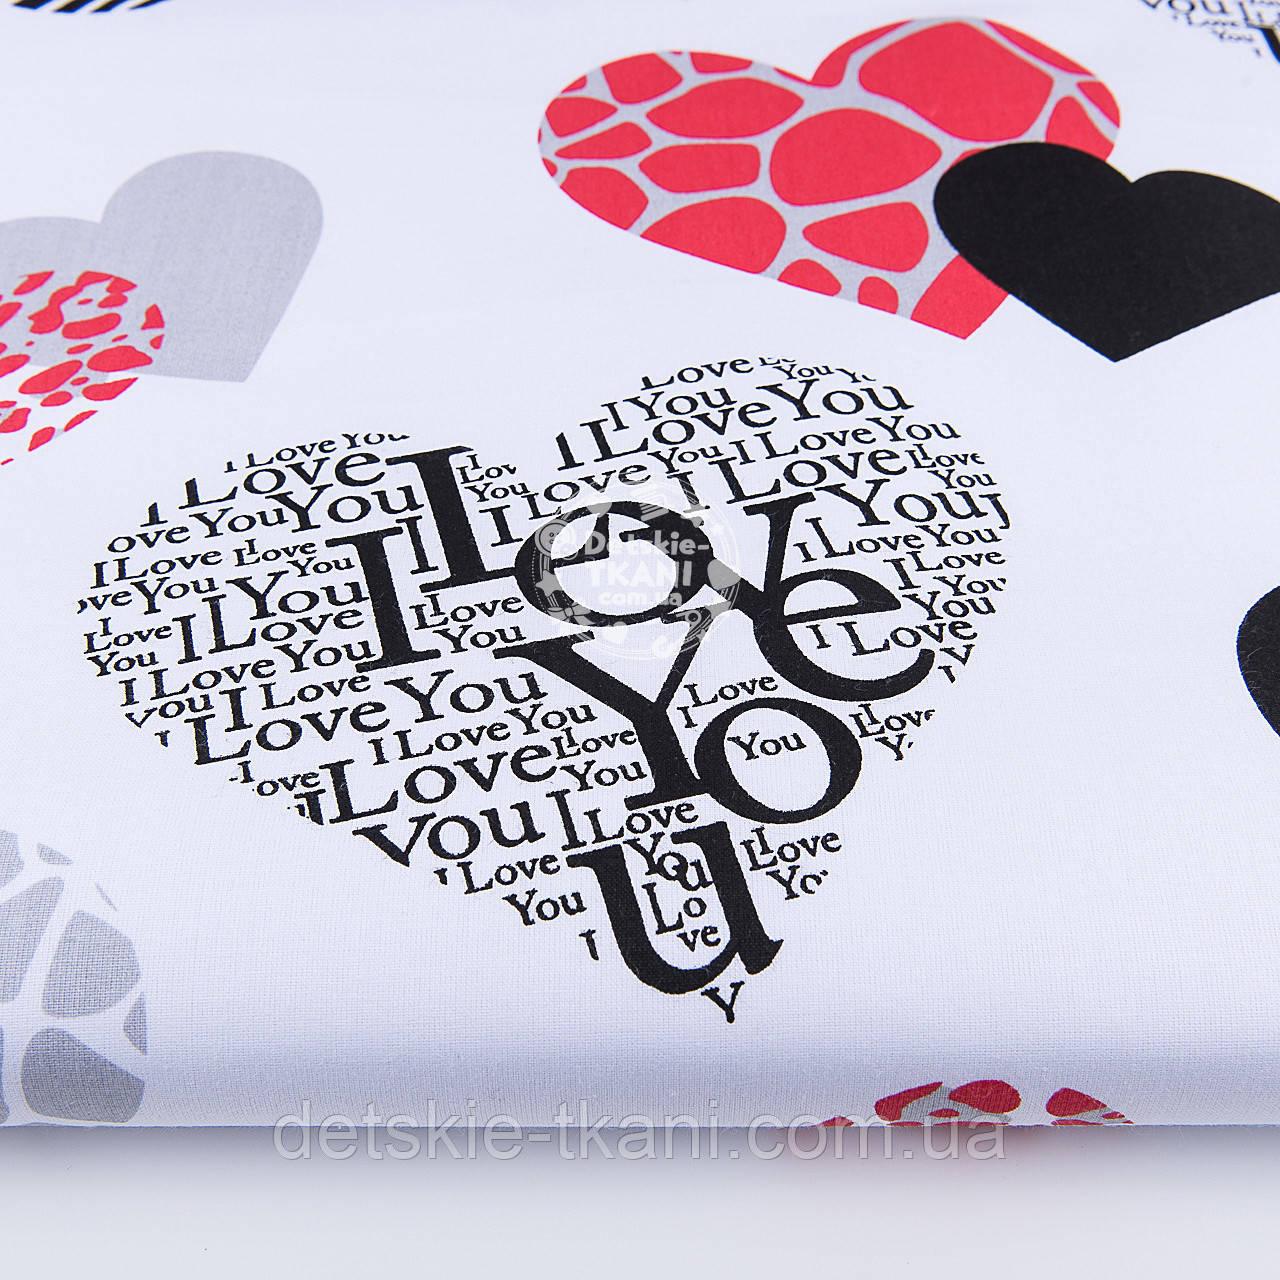 """Ткань хлопковая """"Любовь в сердце"""", цвет красный, чёрный, серый на белом фоне, №1164"""